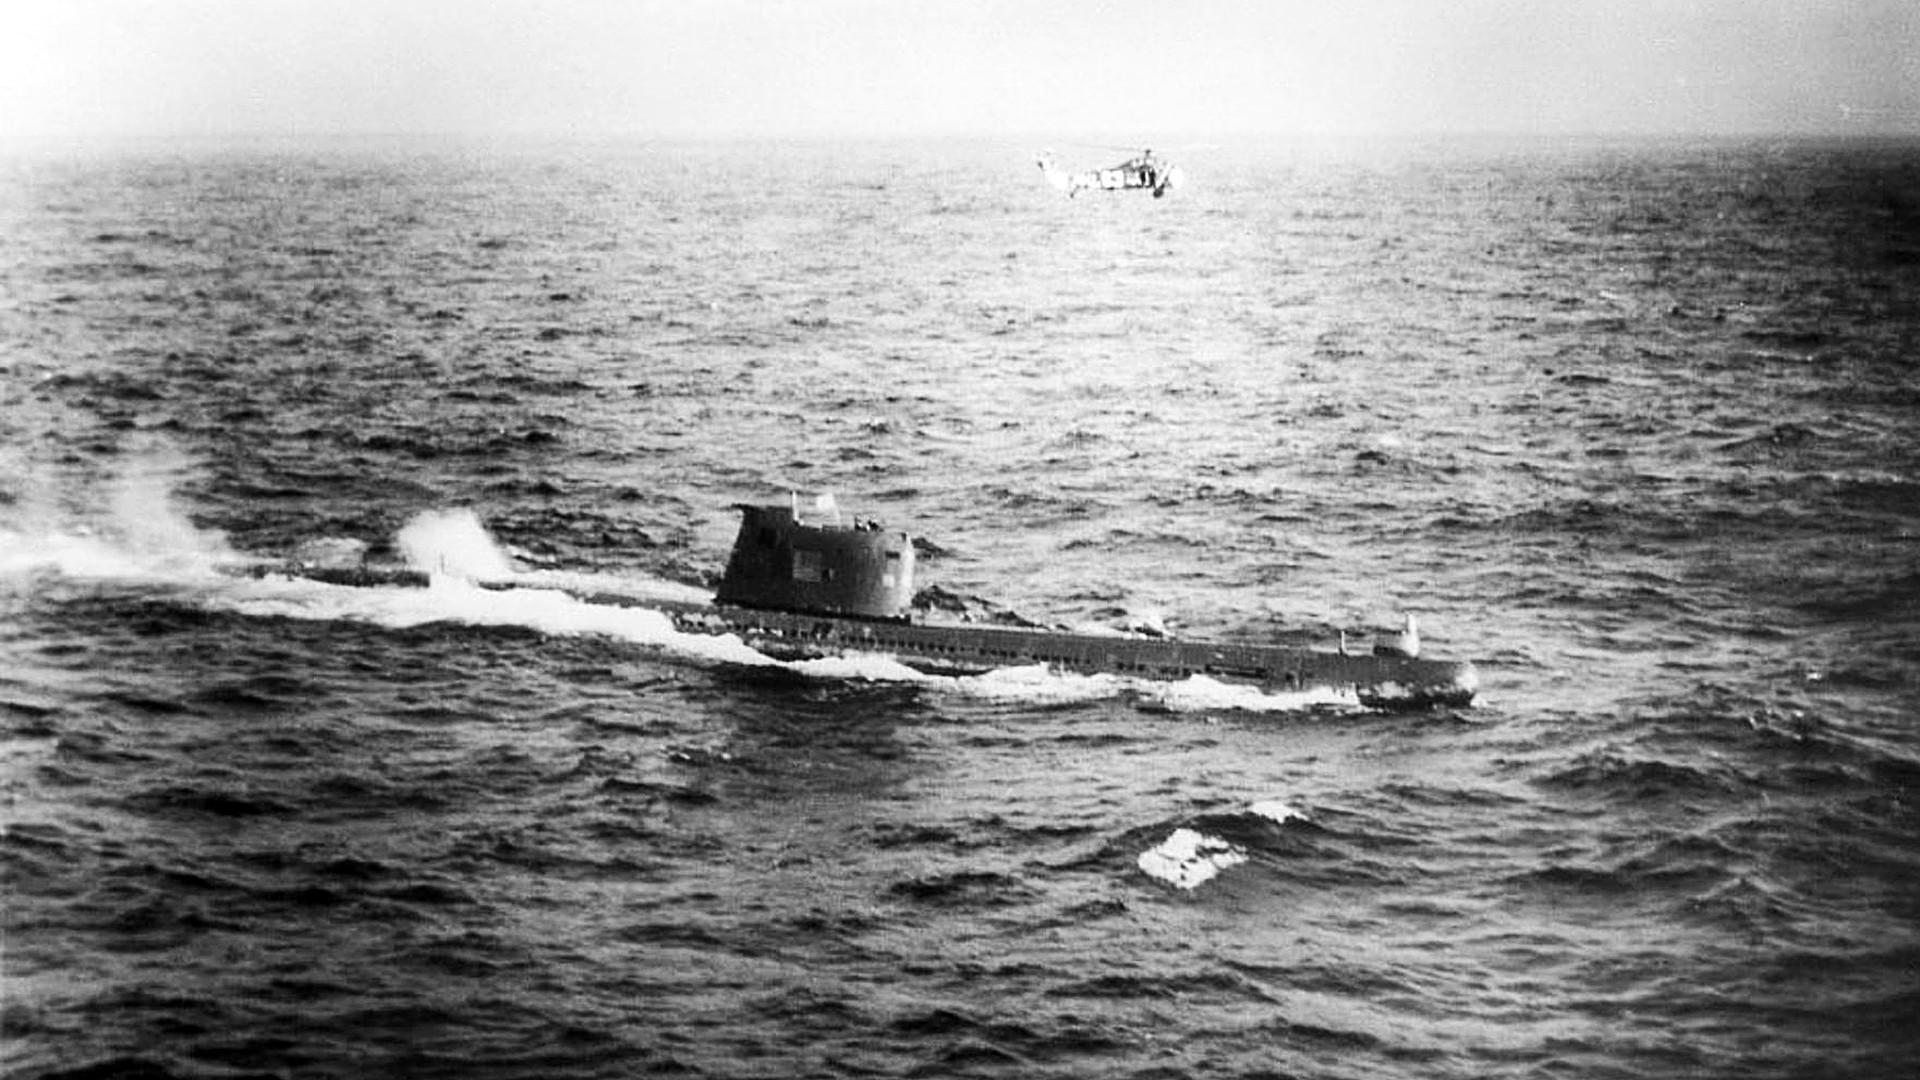 ソ連の641型潜水艦